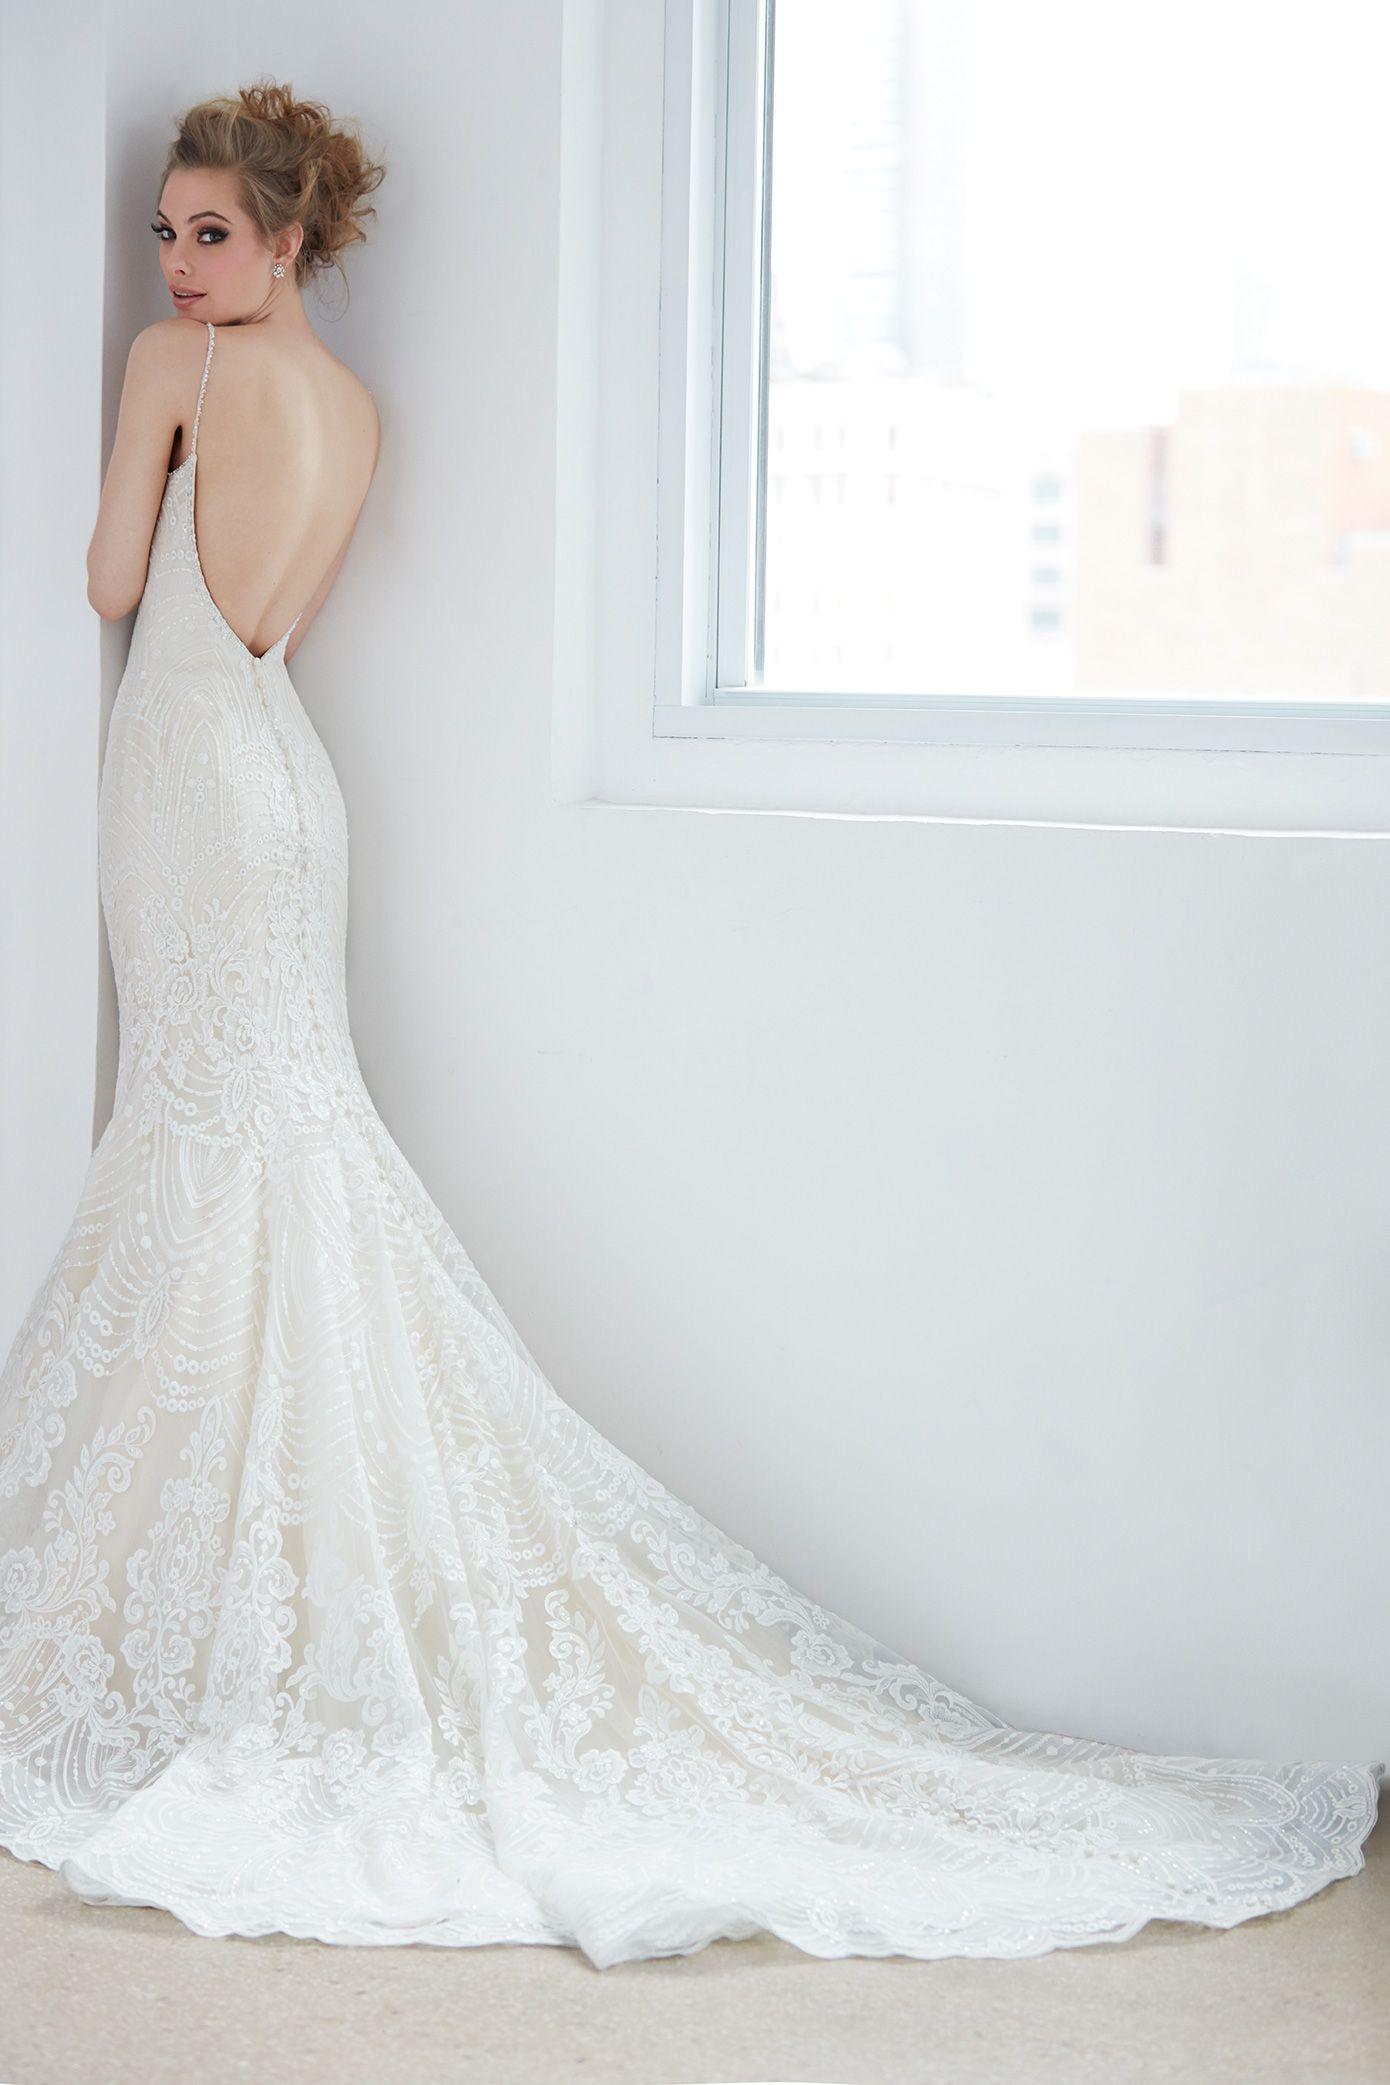 Wedding dresses on short brides  mainimage  Wedding dresses  Pinterest  Dream wedding dresses